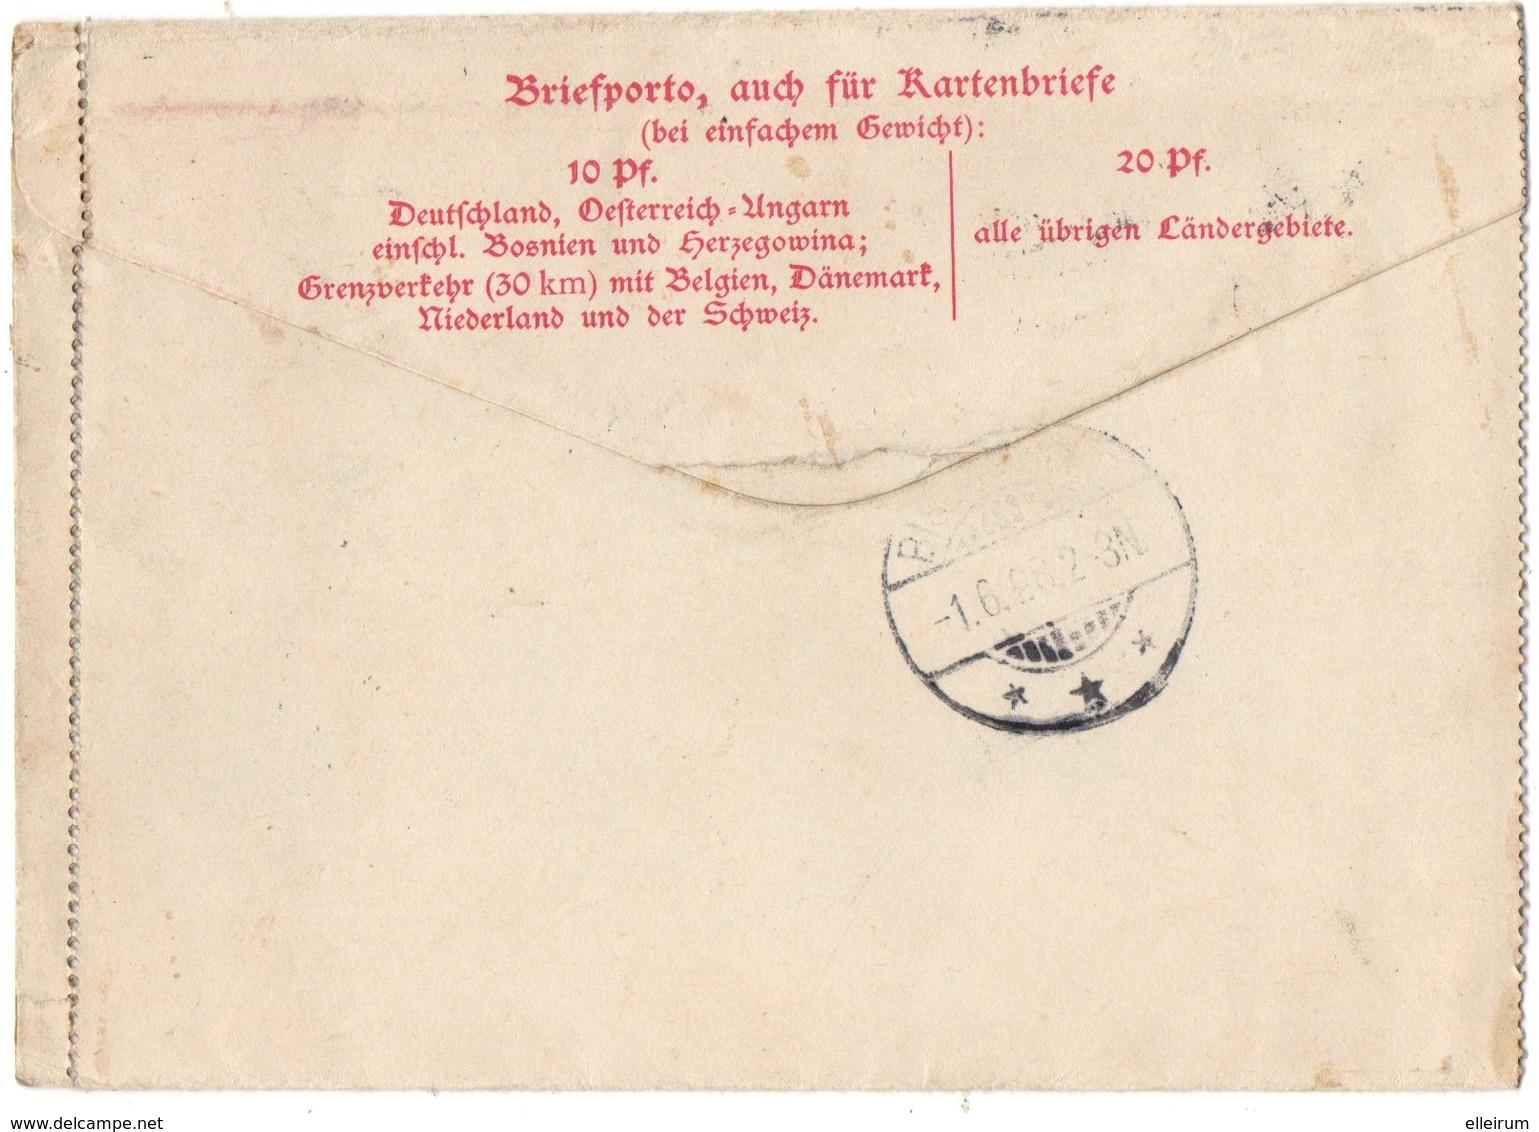 BOLLWEILER- LAUTENBACH. ALSACE-LORRAINE. KARTENBRIEF. AMBULANT. 1897. POUR BISCHWILLER. - Alsace-Lorraine